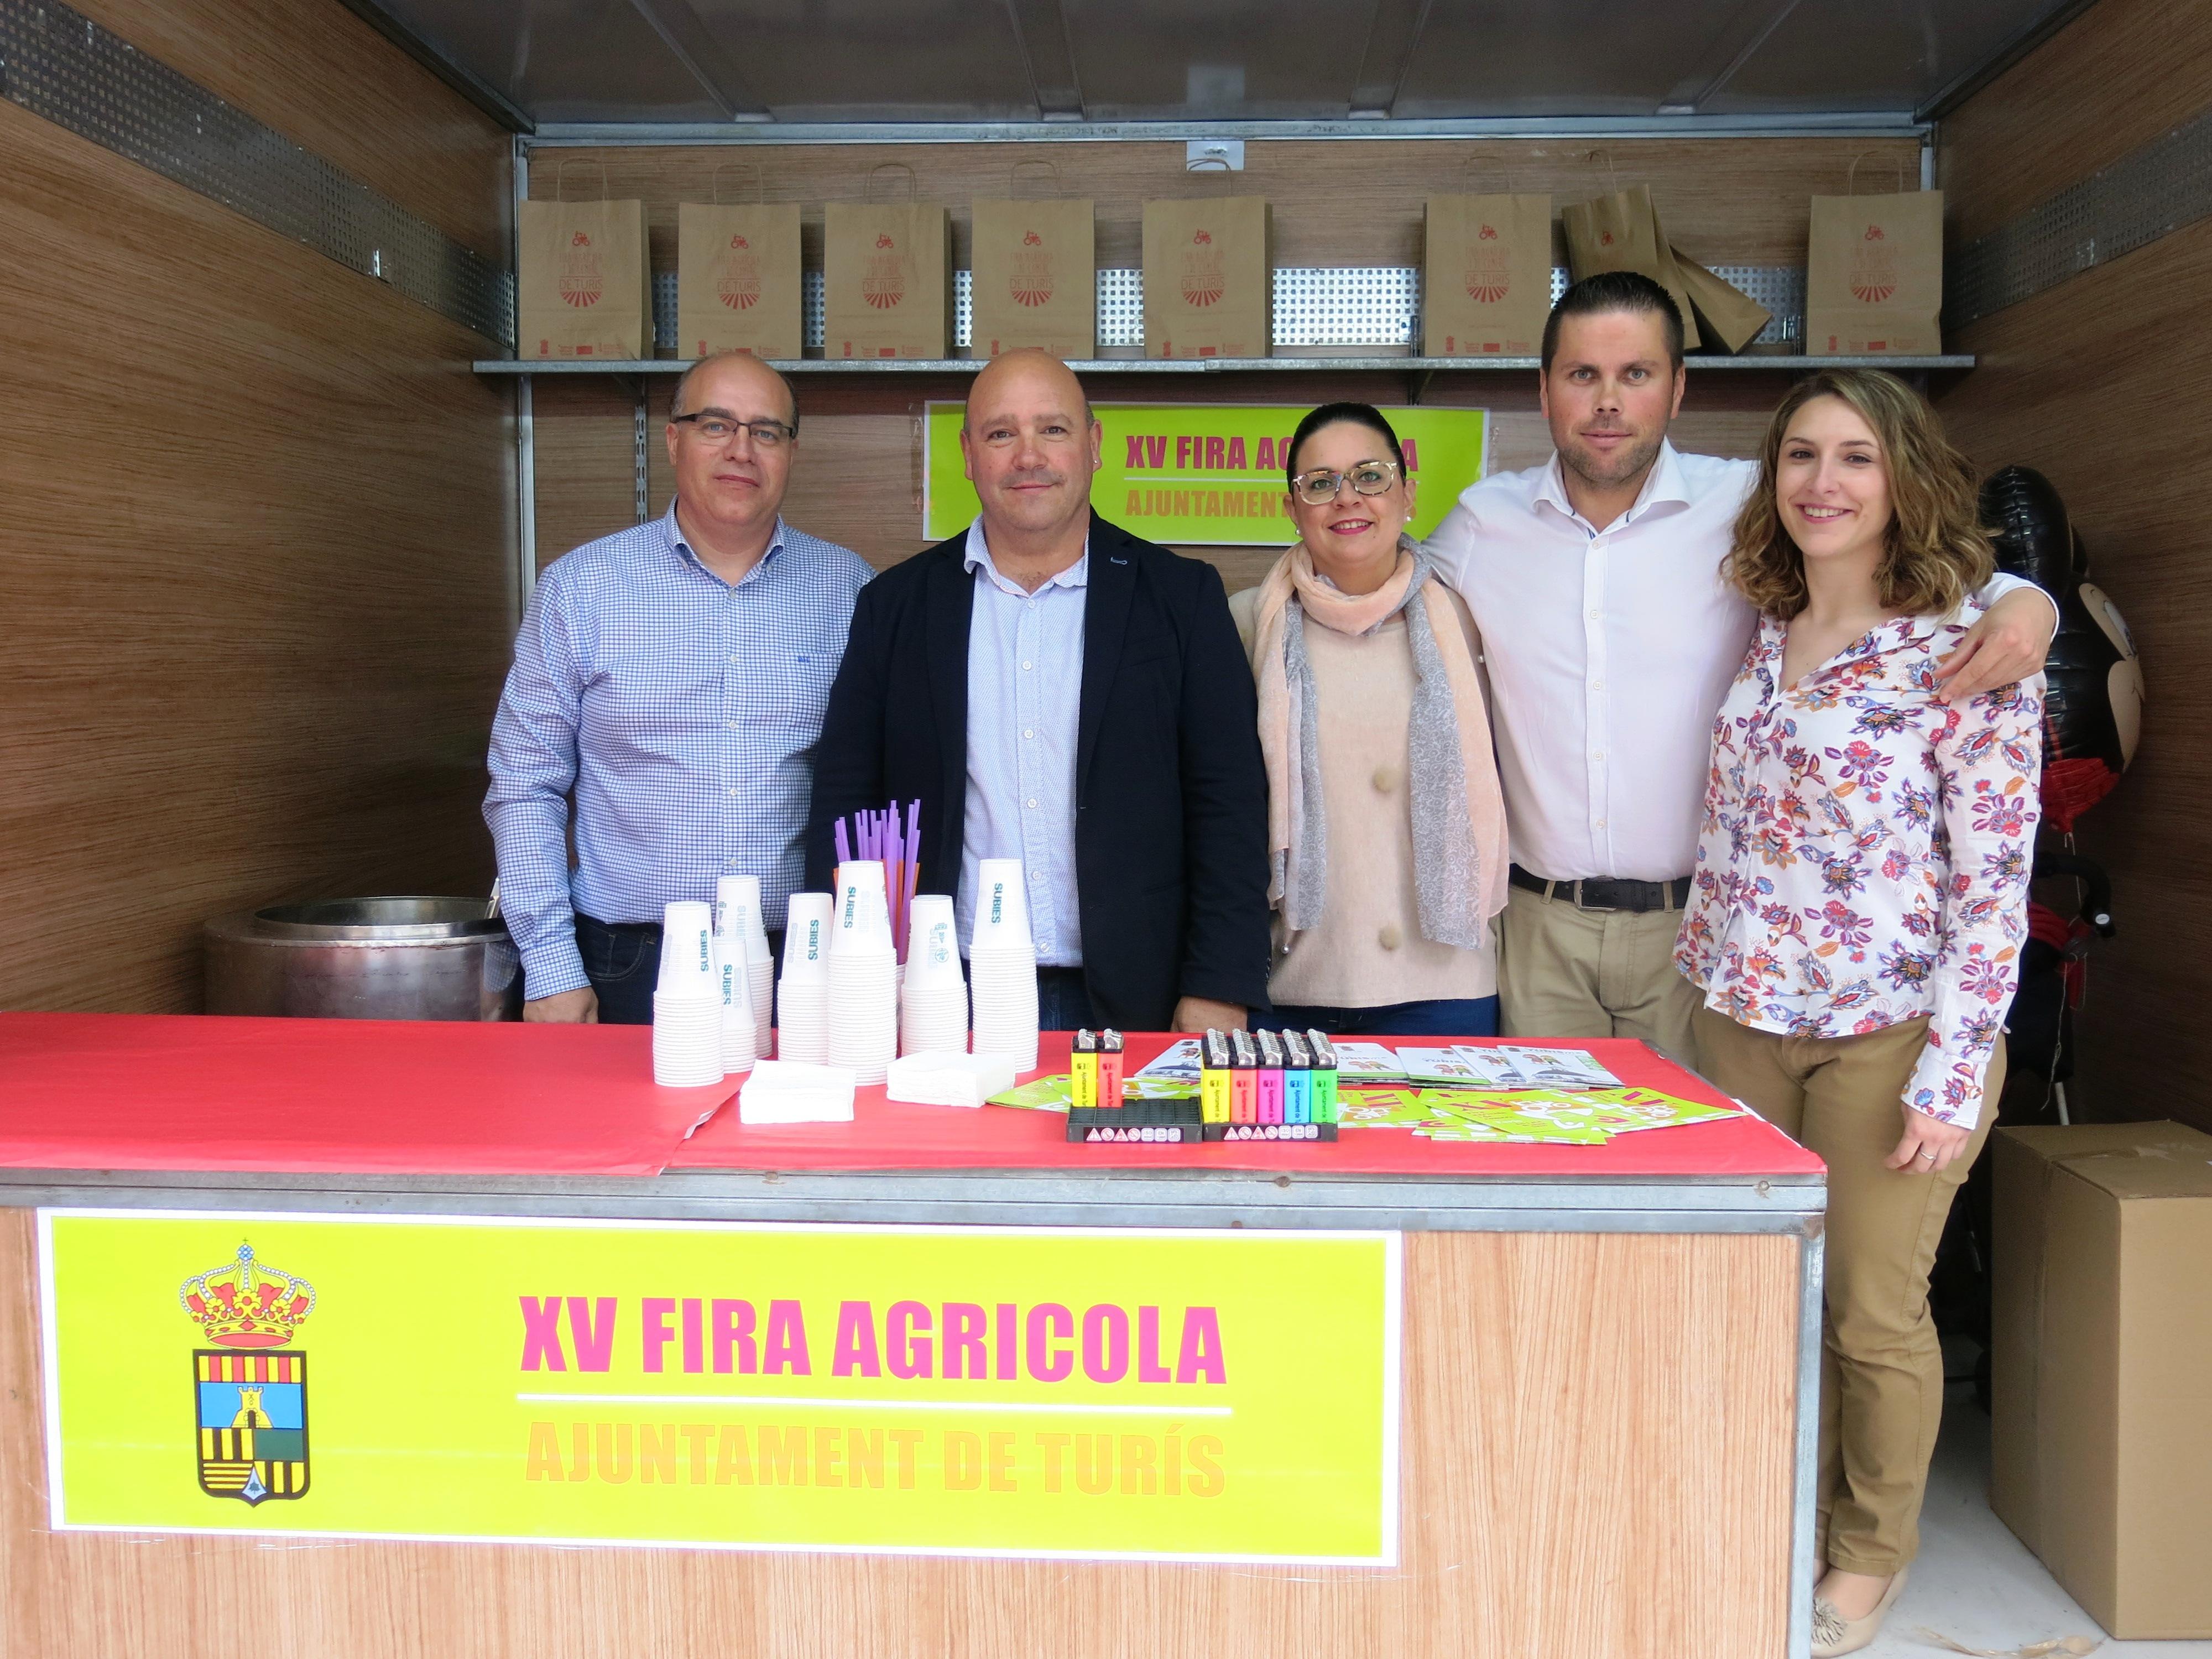 La inauguració va tenir lloc el divendres a la vesprada i va comptar amb la participació institucional de Francisco Rodríguez Mulero, Secretari Autonòmic d'Agricultura, i María Such, Directora General de l'Institut Valencià de les Dones.